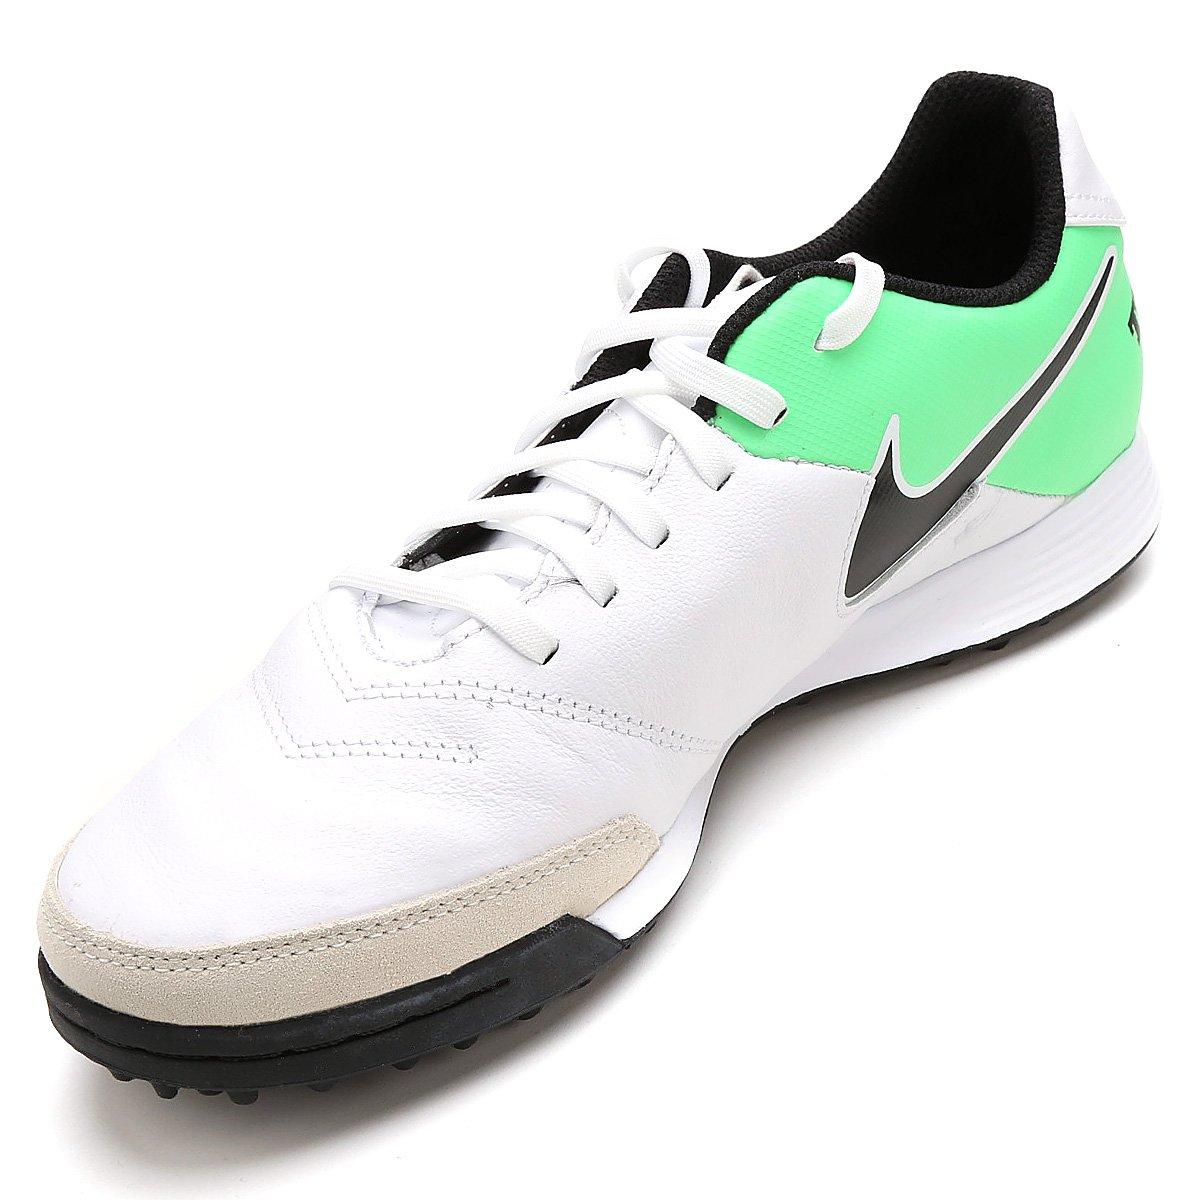 f3274caef0 Chuteira Society Nike Tiempo Genio 2 Leather TF - Branco e Verde ...